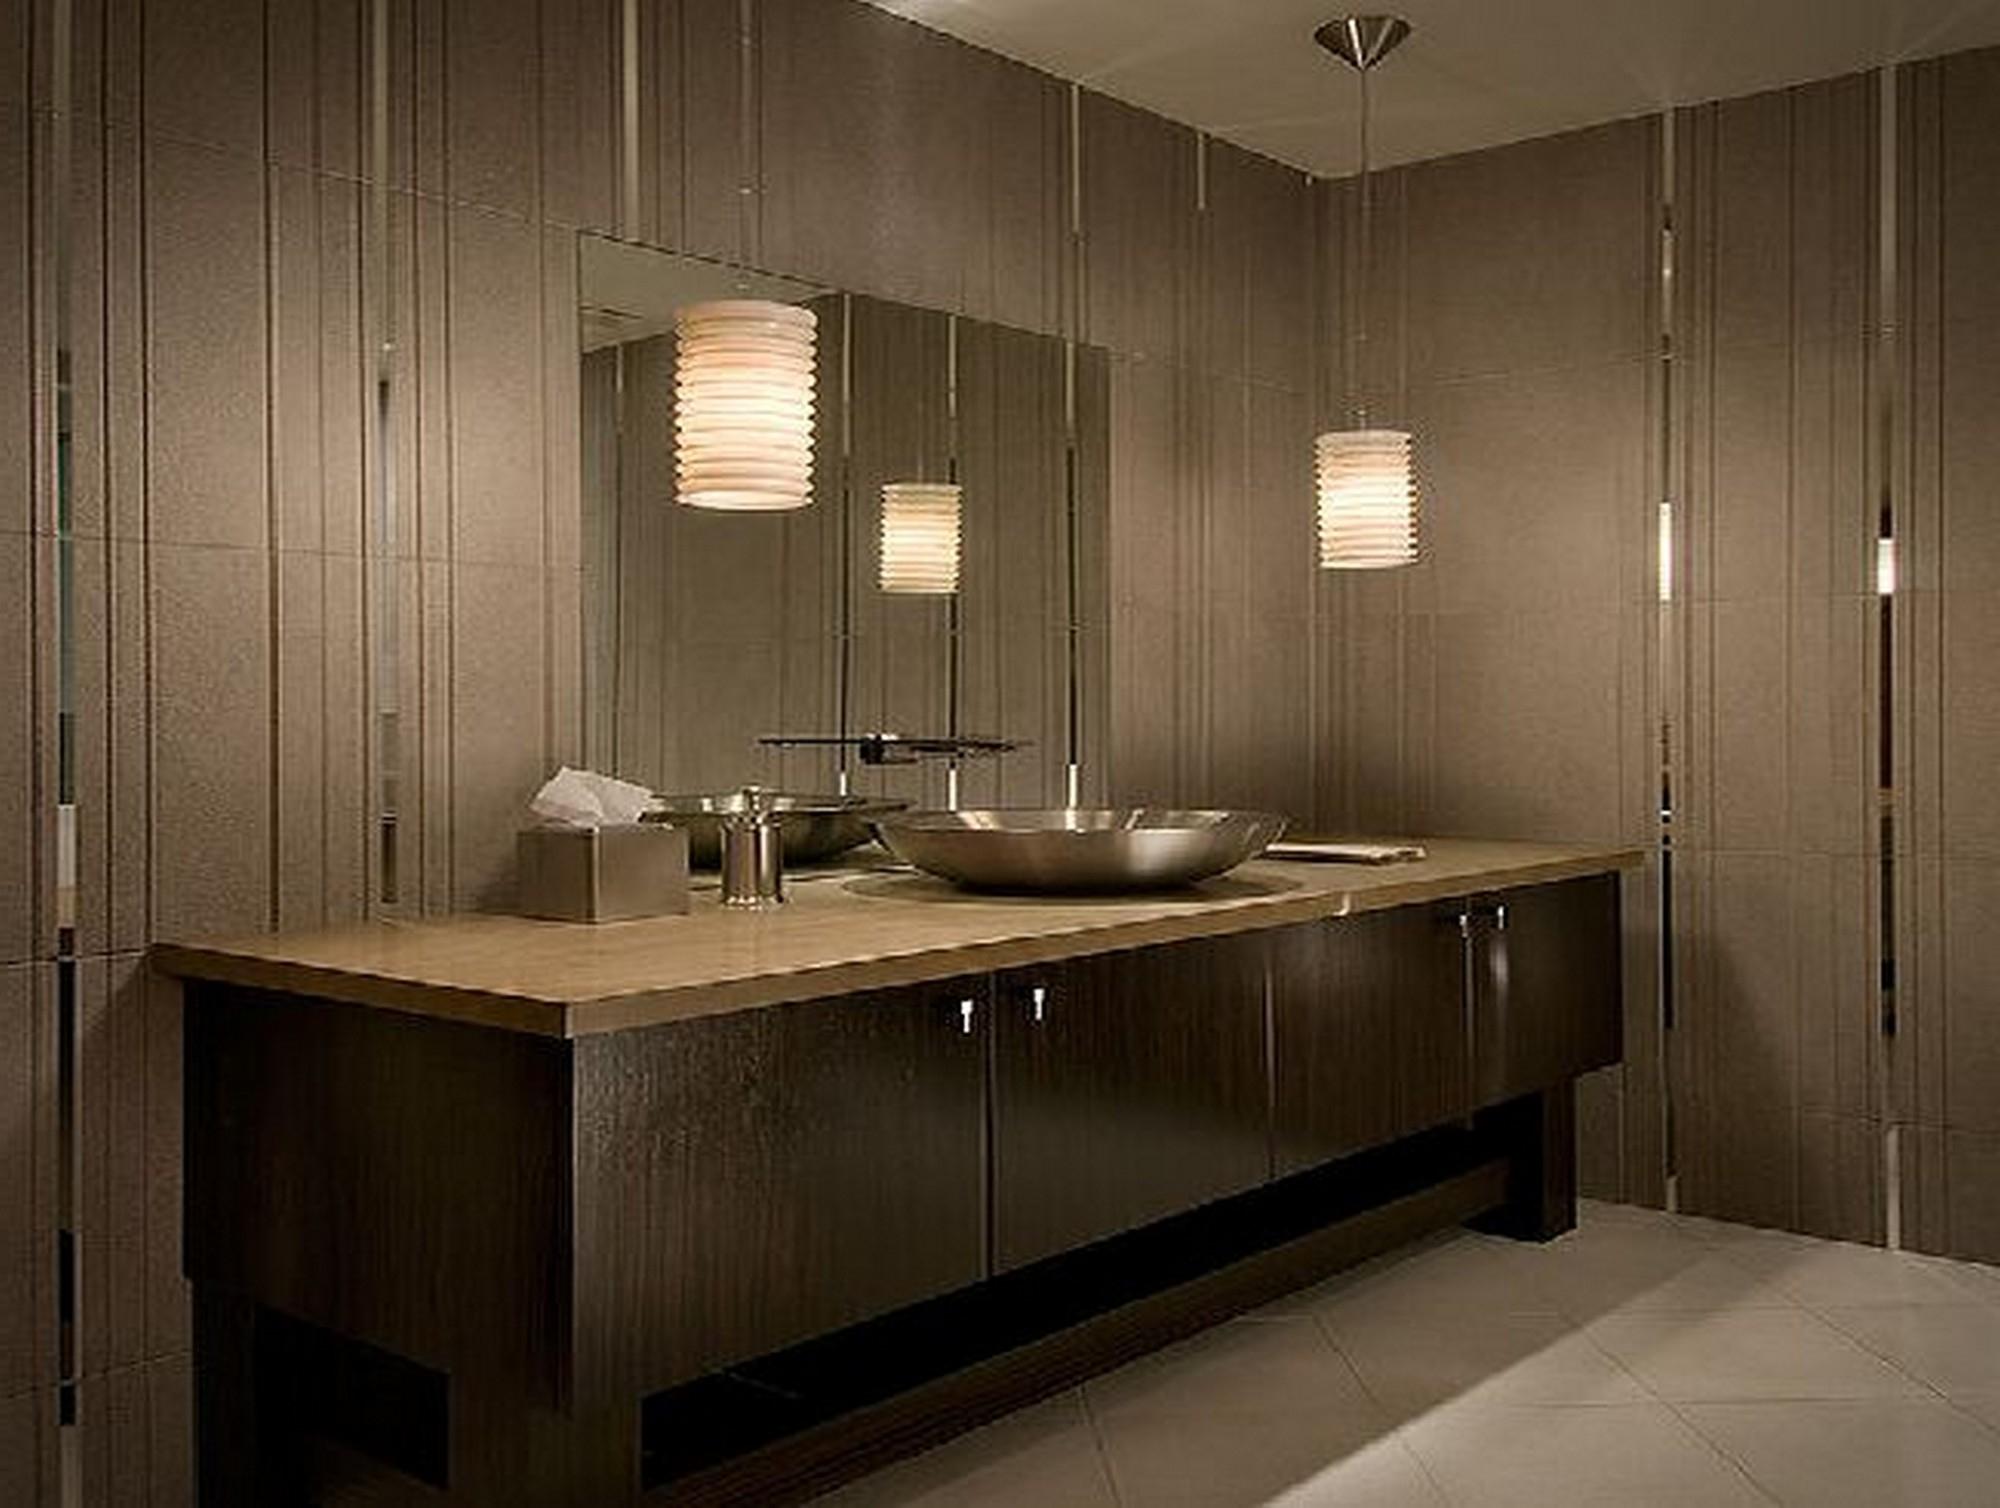 Chandelier: Astounding Small Chandeliers For Bathrooms Bedroom Regarding Trendy Modern Bathroom Chandeliers (View 4 of 15)